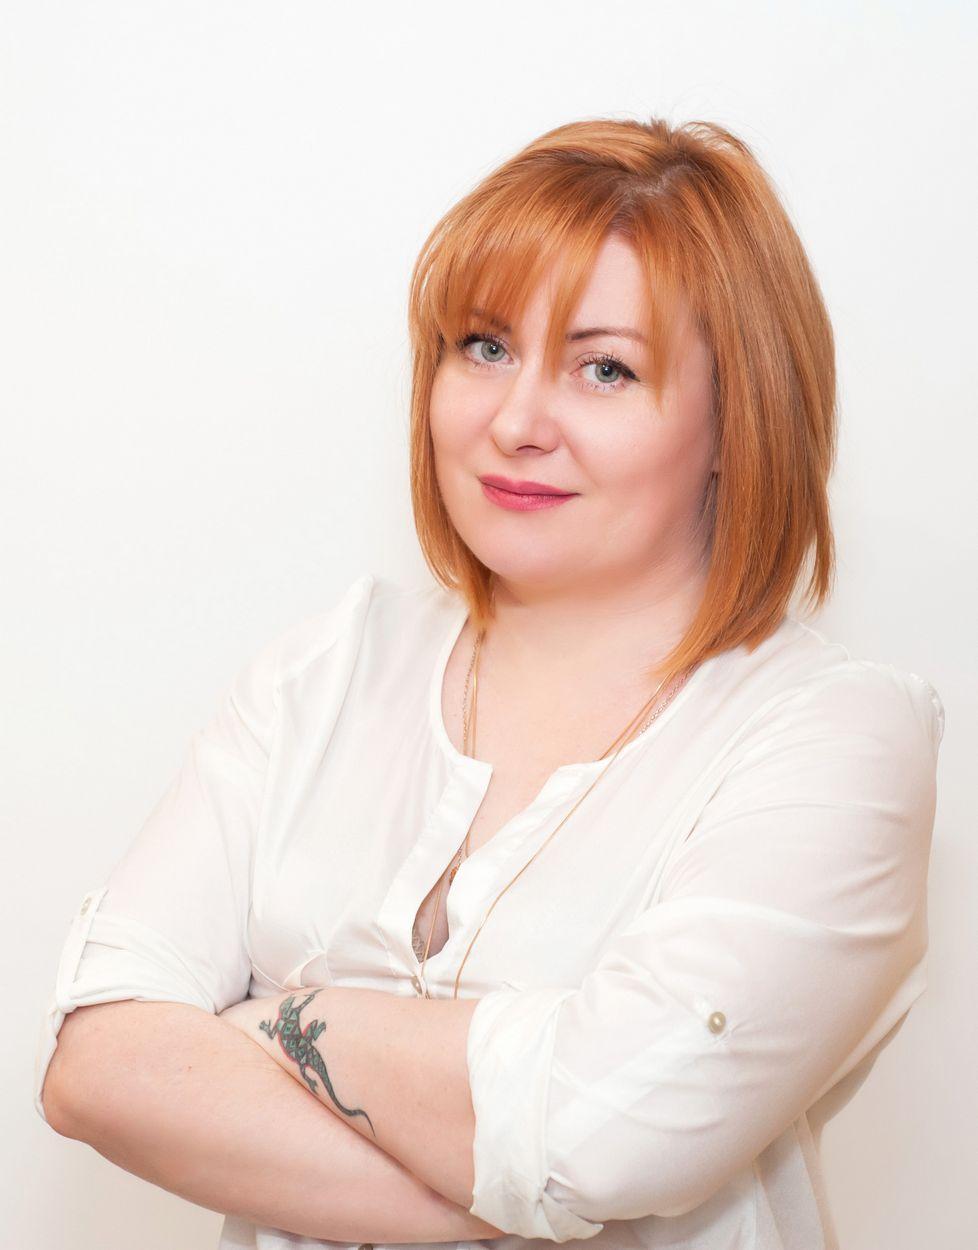 Портретная фотосъемка для сайта. Портретное фото в Киеве.